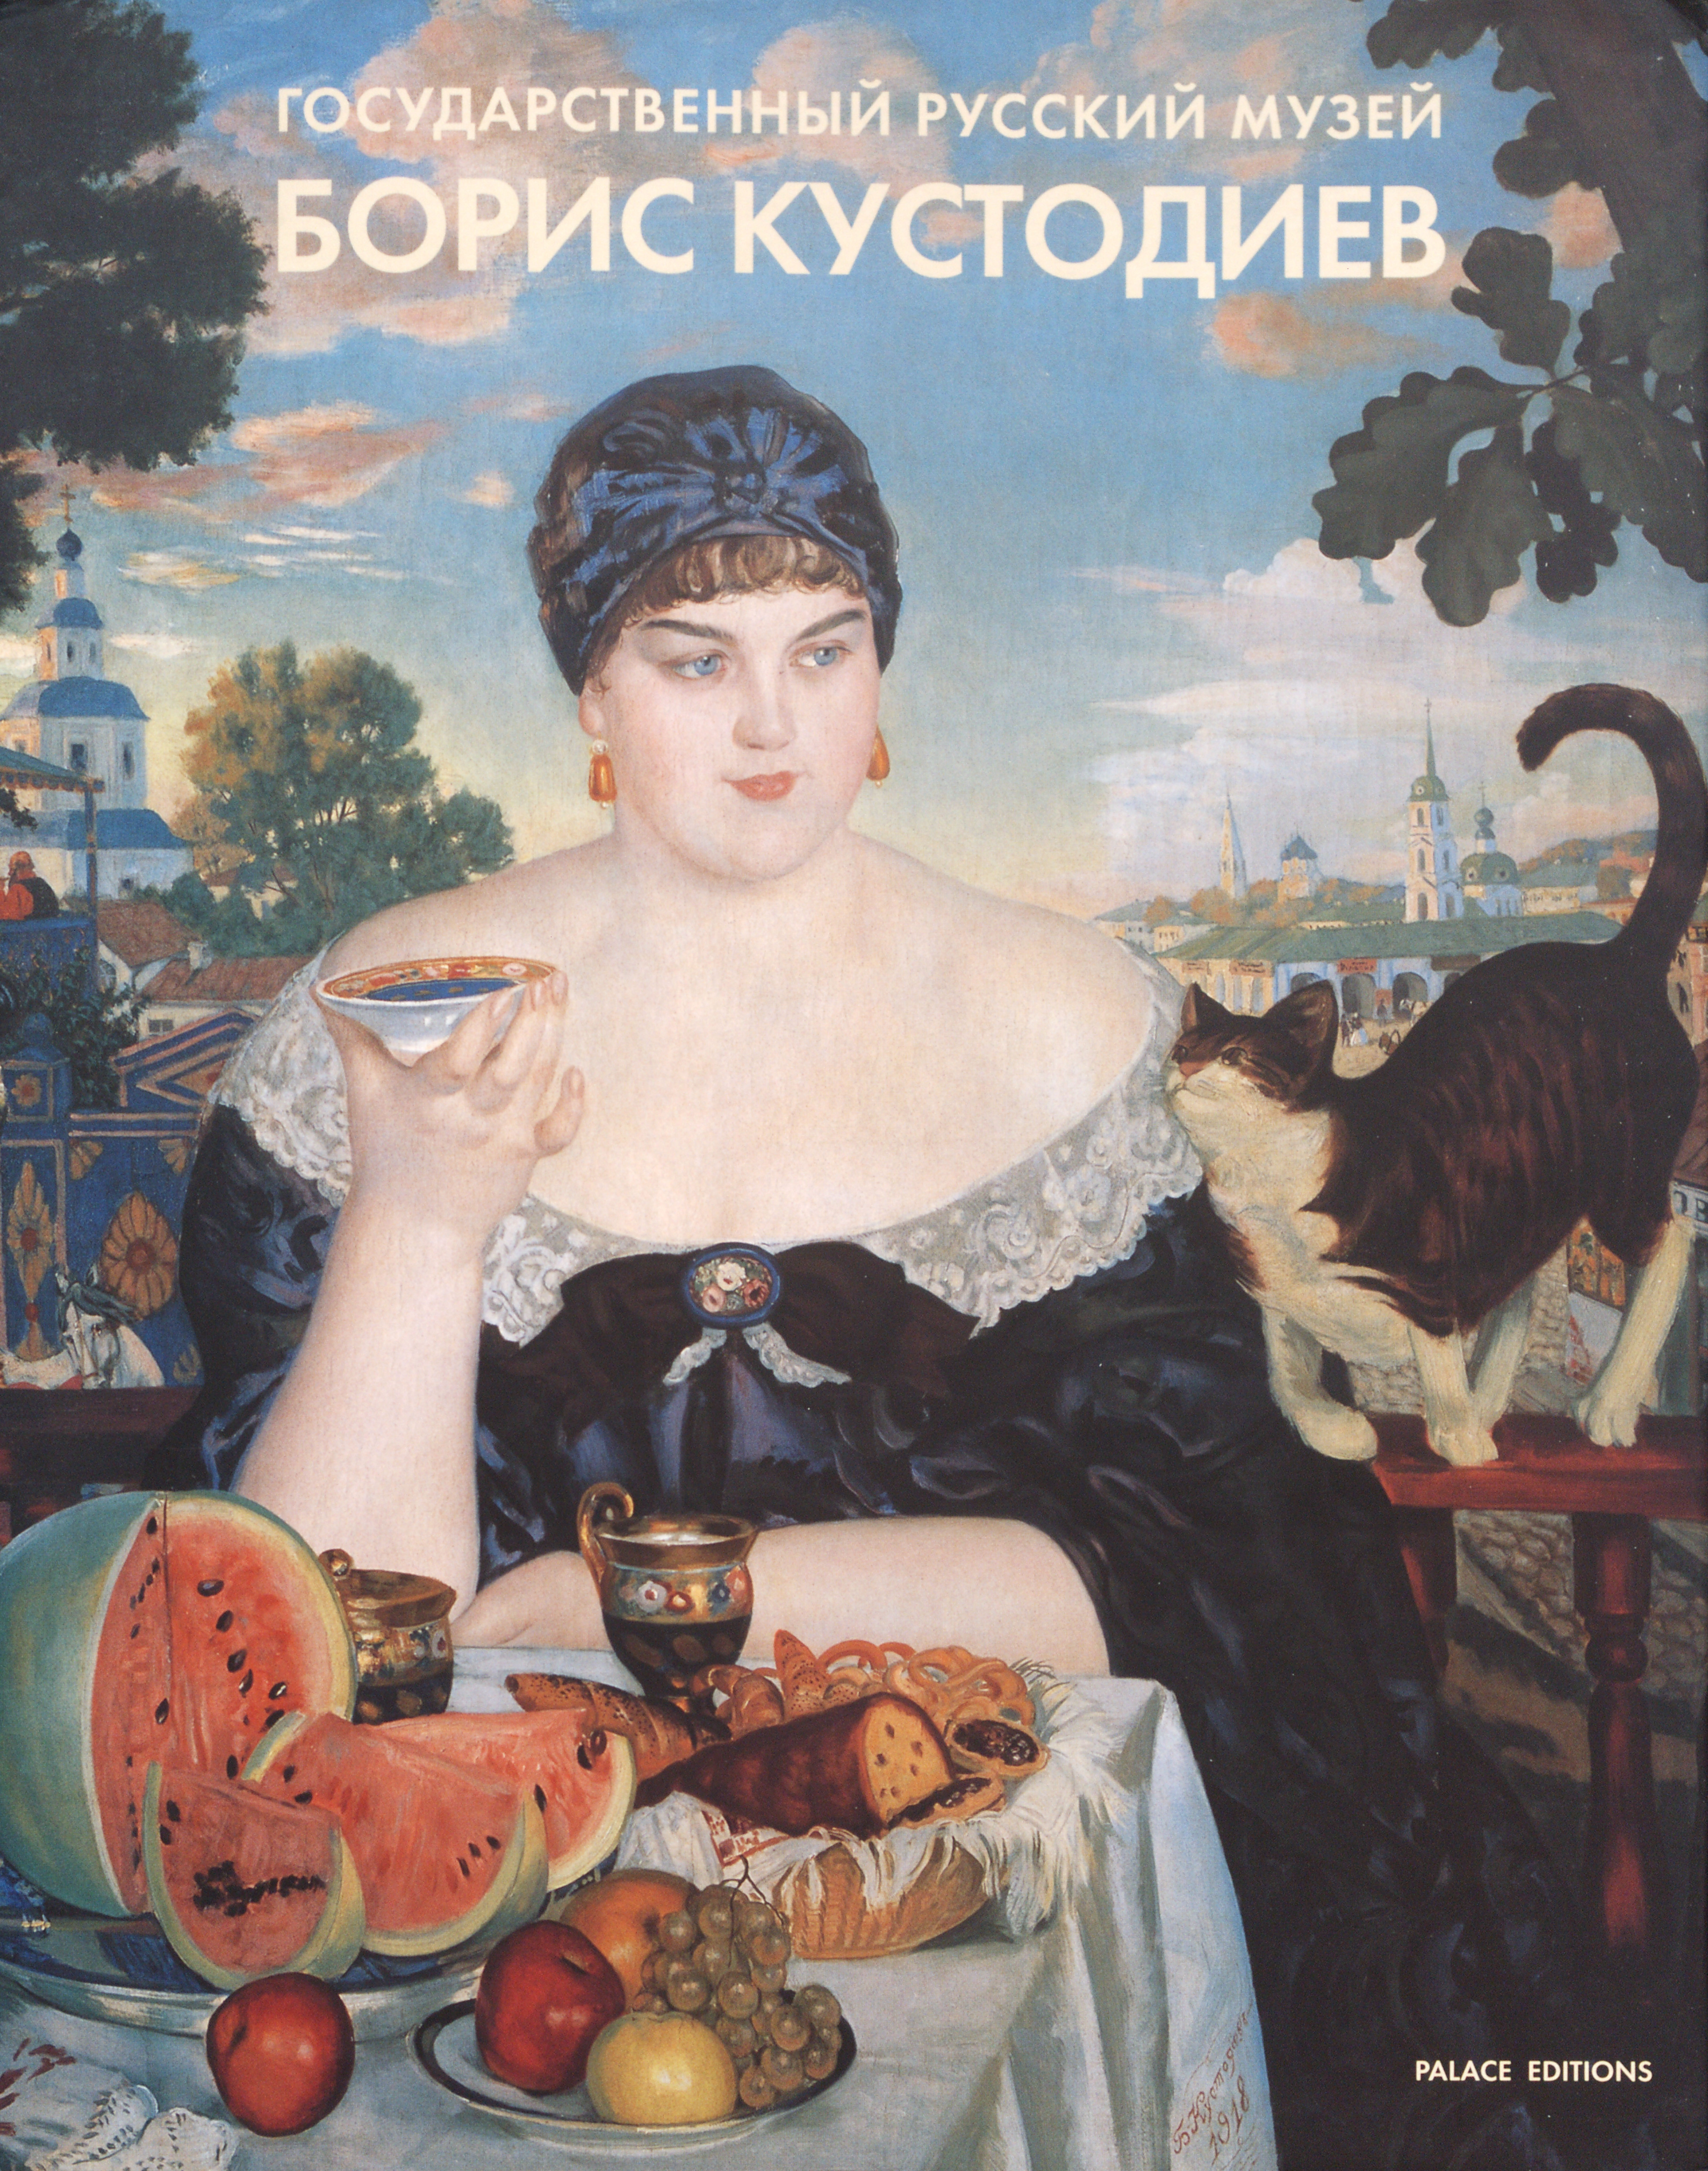 Boris Kustodiev - State Museum